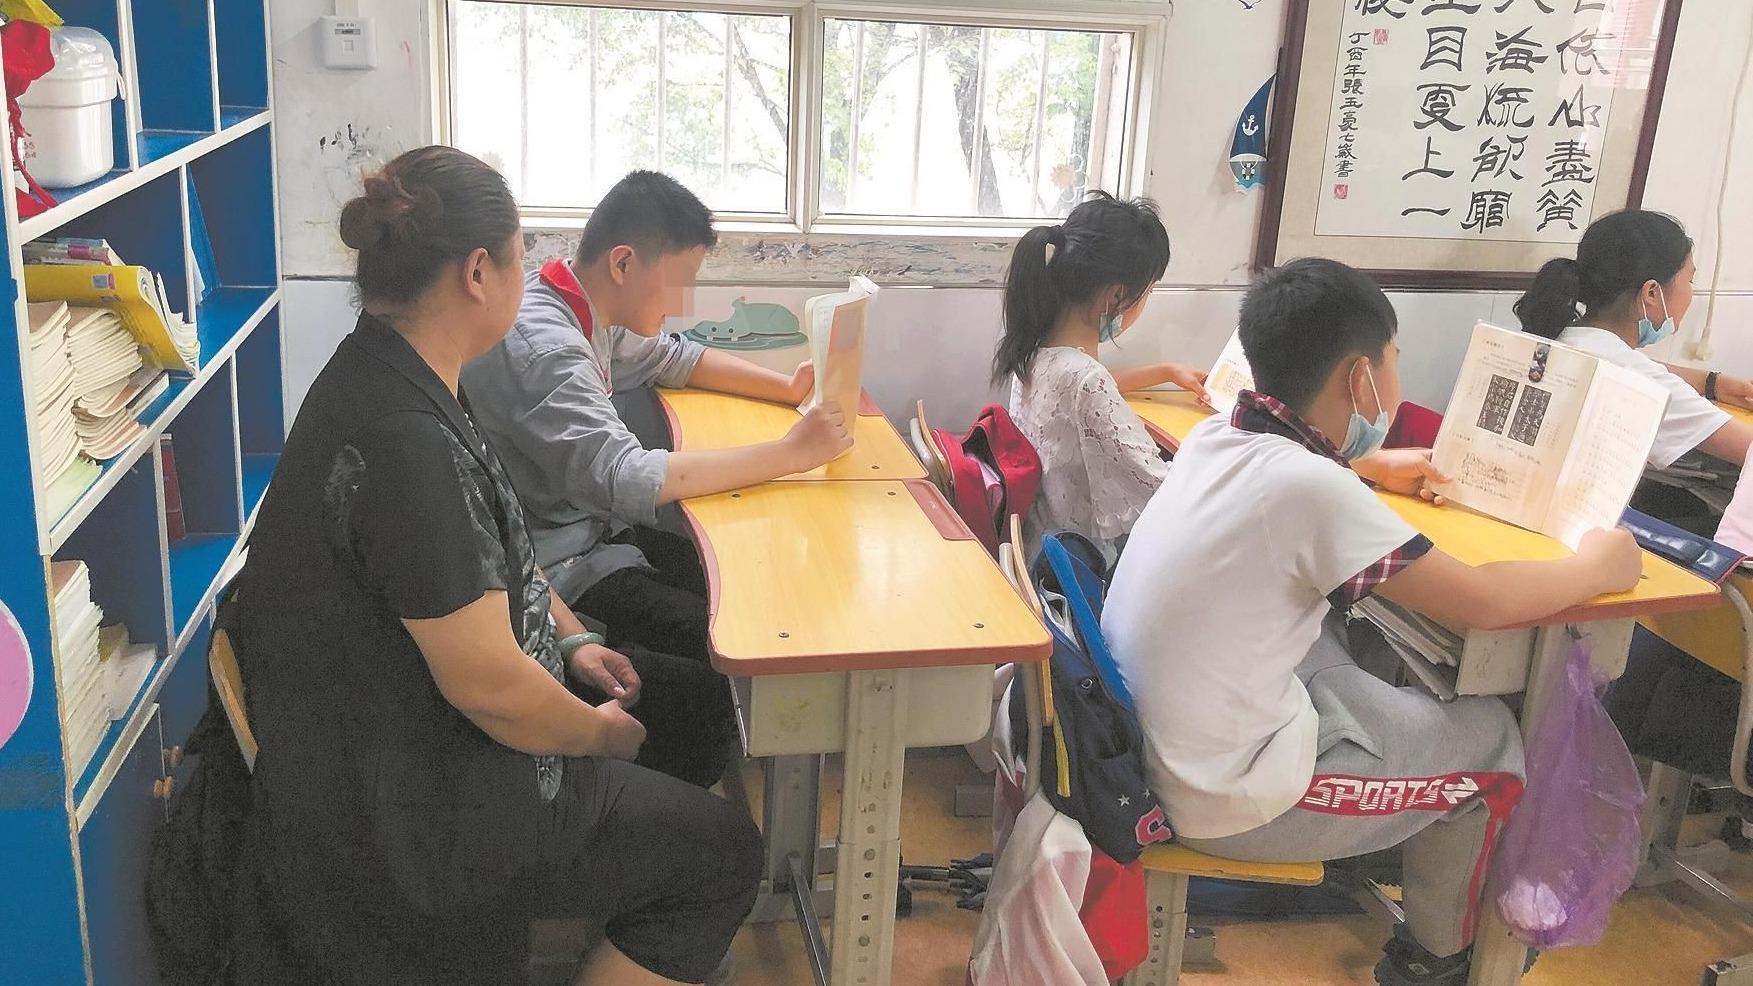 儿子患孤独症 武汉妈妈重回小学课堂陪读5年